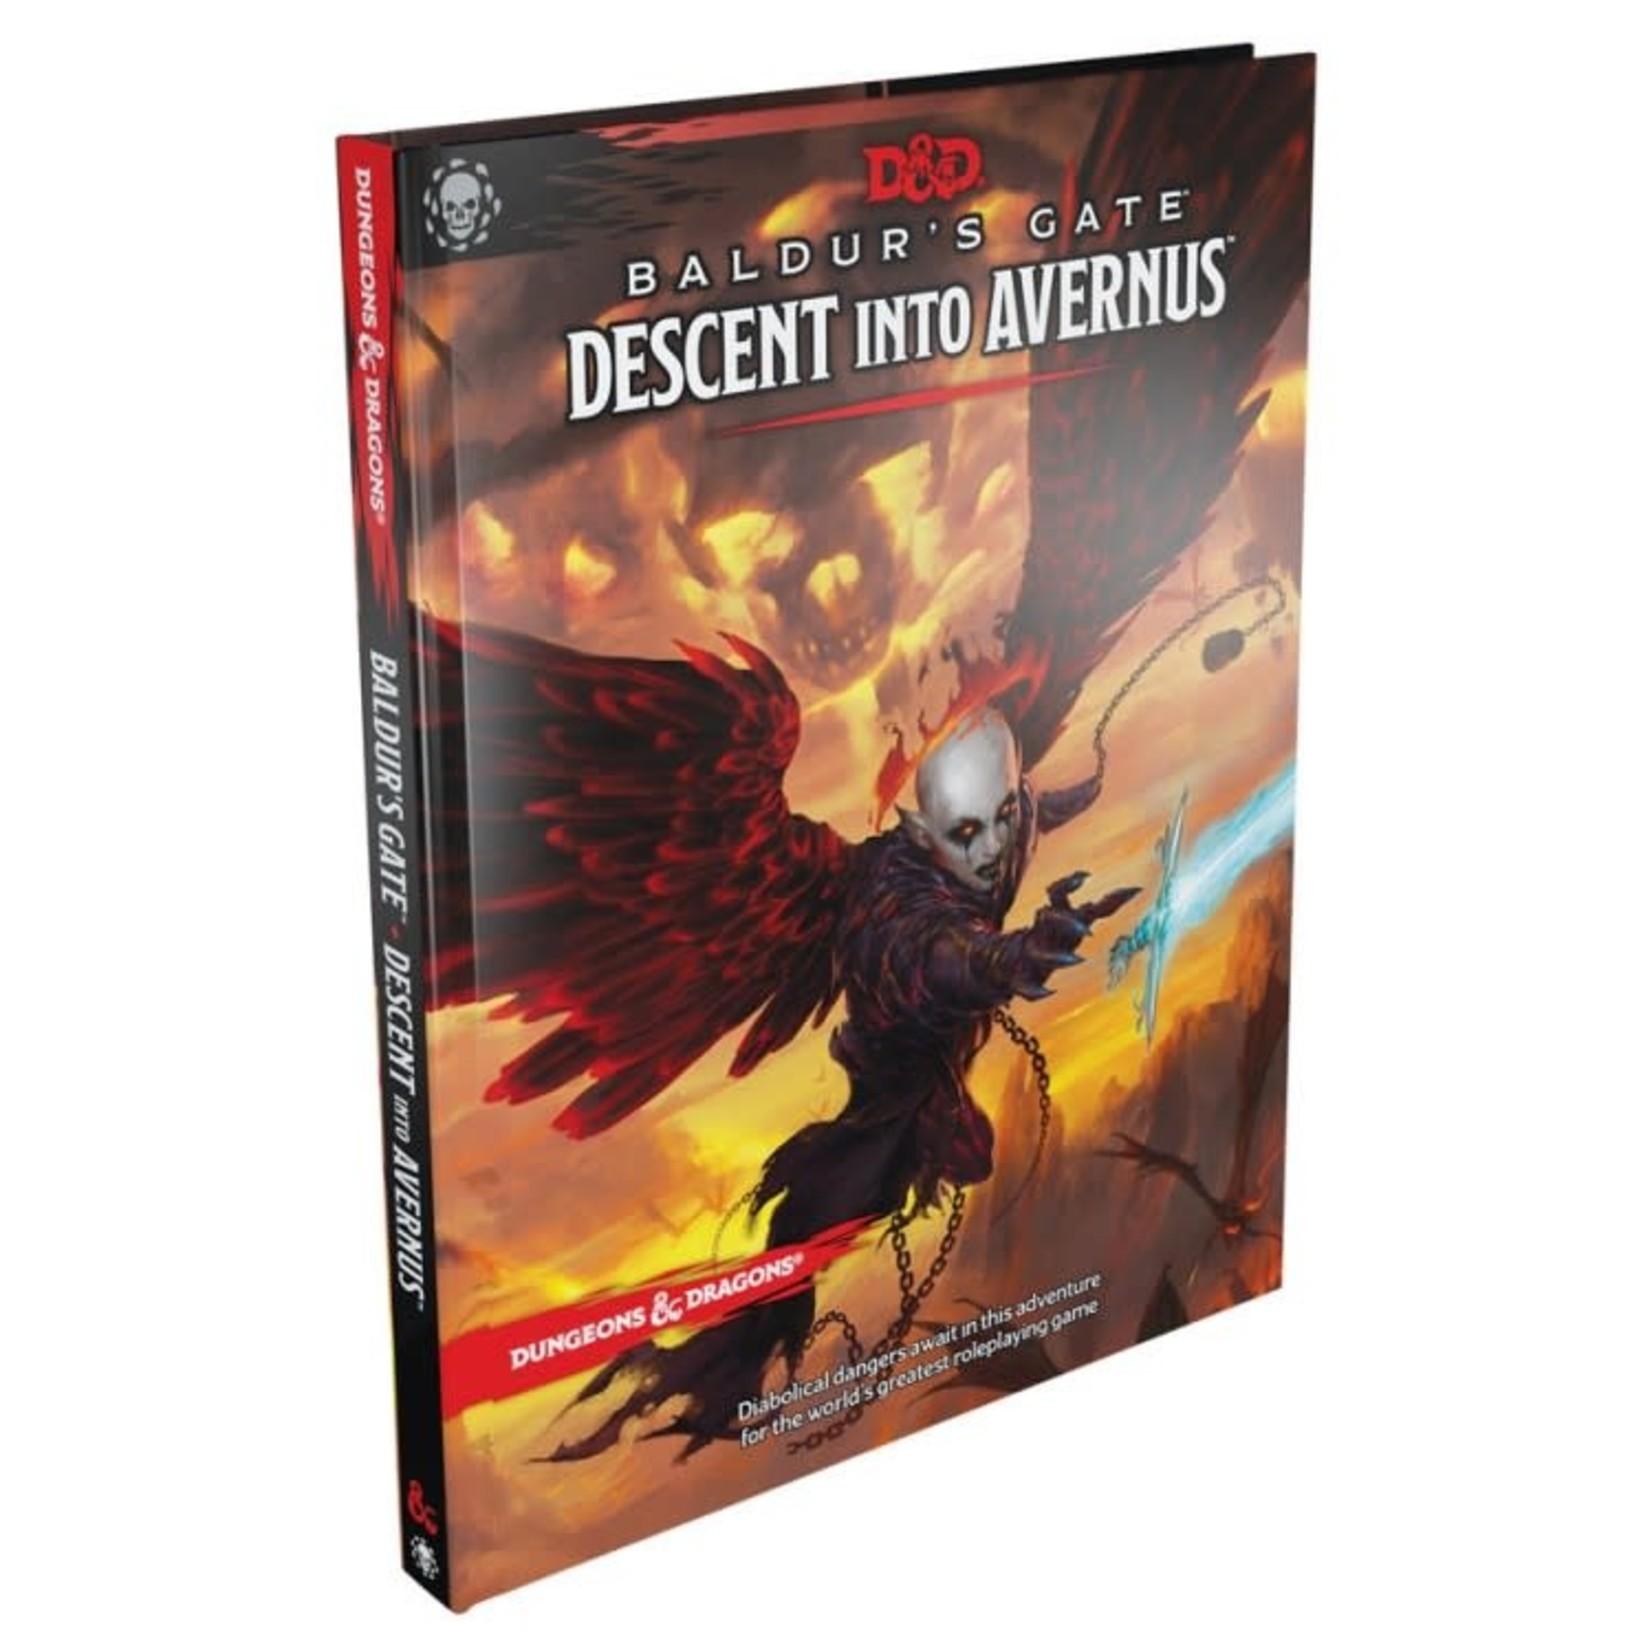 Dungeons & Dragons D&D 5e Baldur's Gate: Descent into Avernus